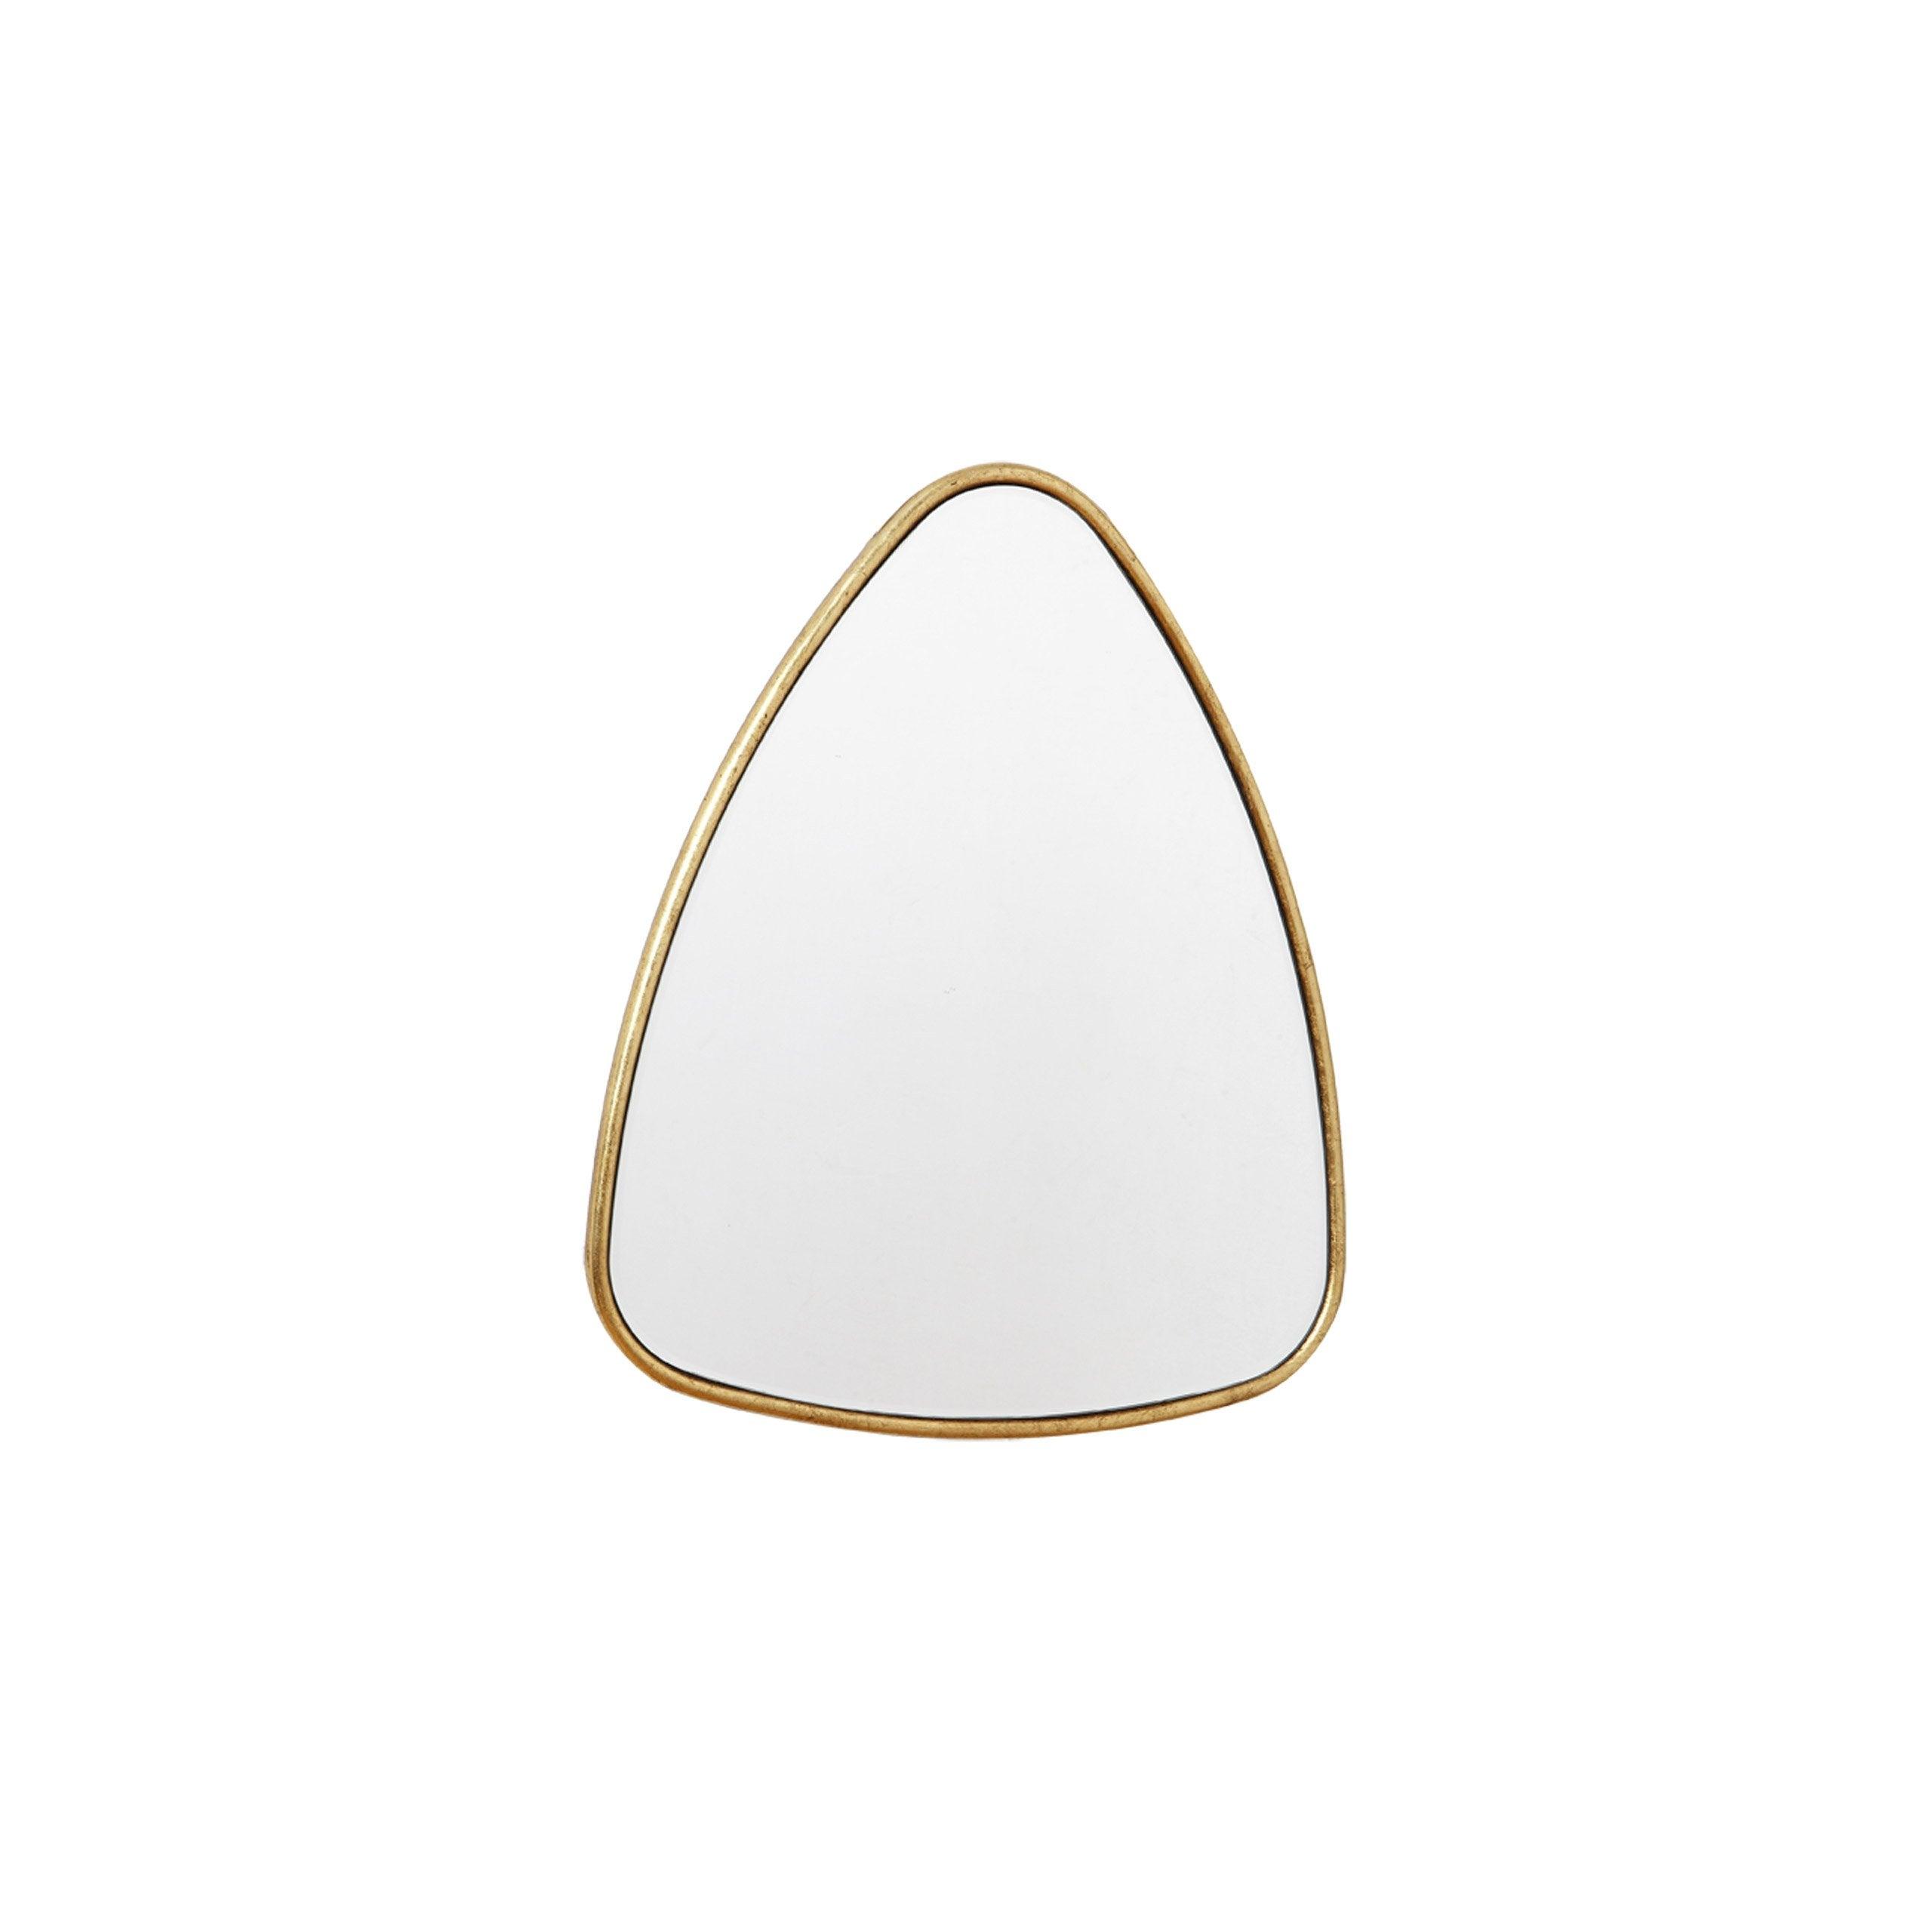 Miroir triangulaire, dorée, l.42 x H.50 cm